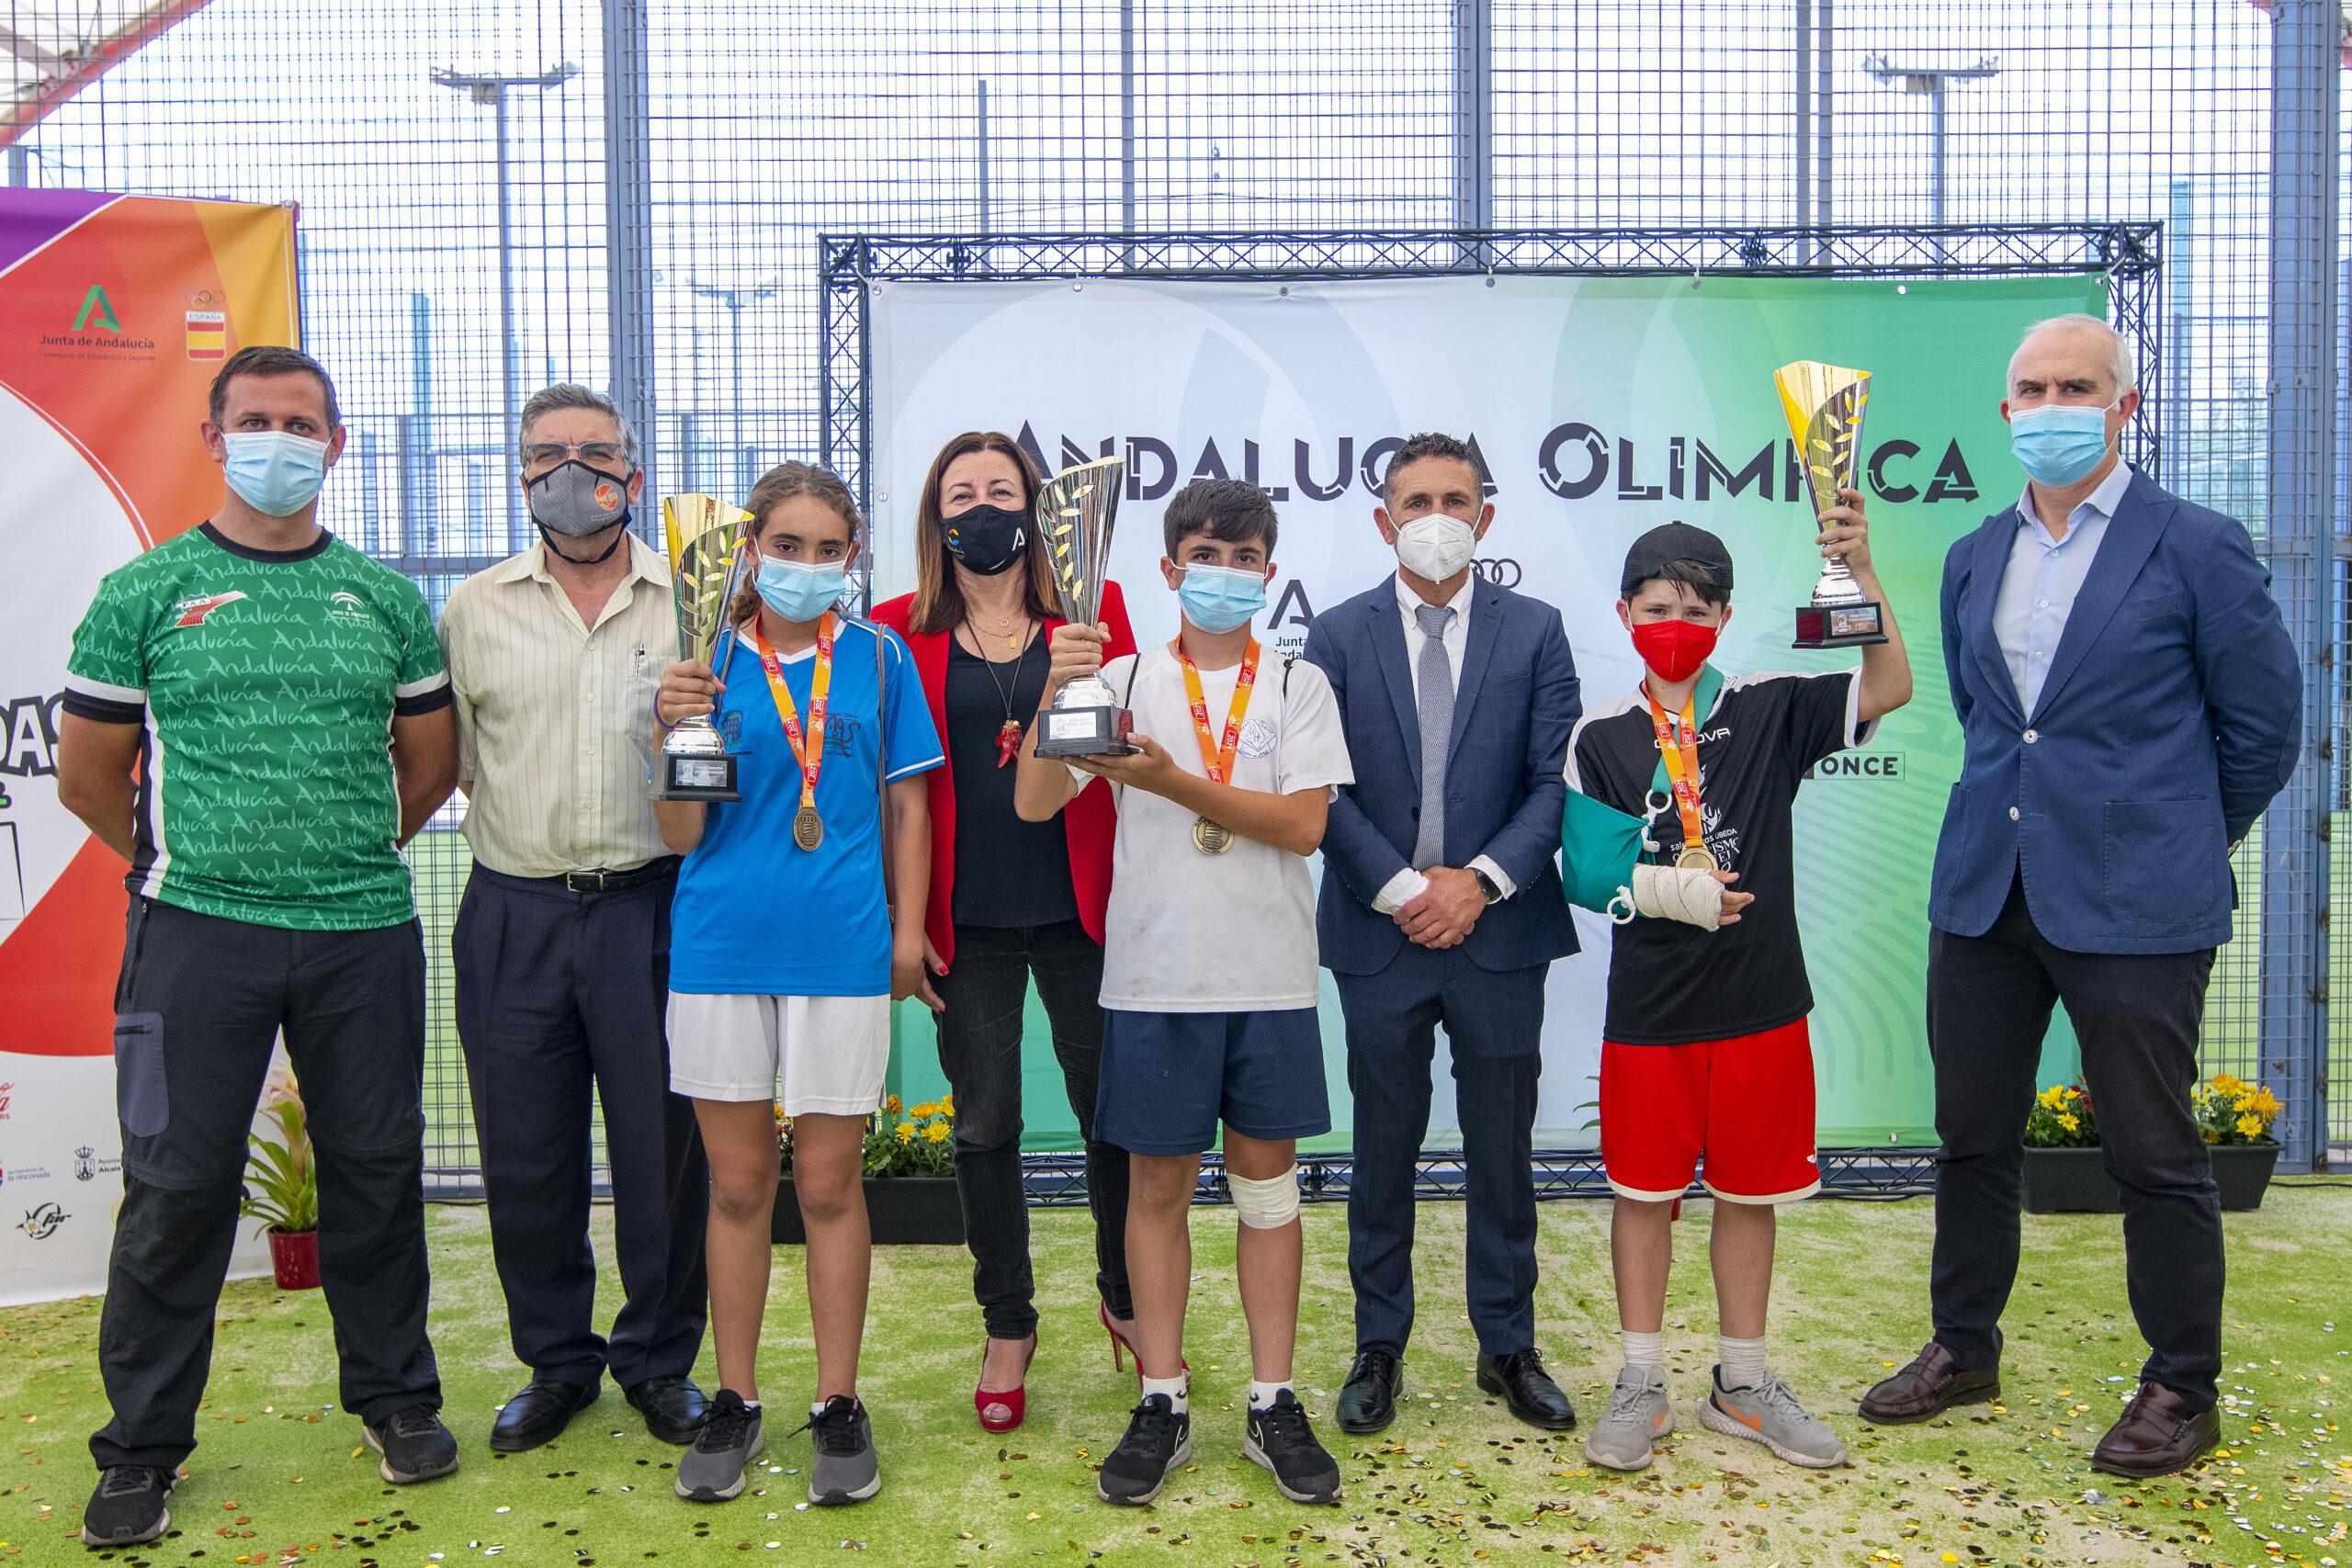 Ganadores de la IV Miniolimpiada 2021.